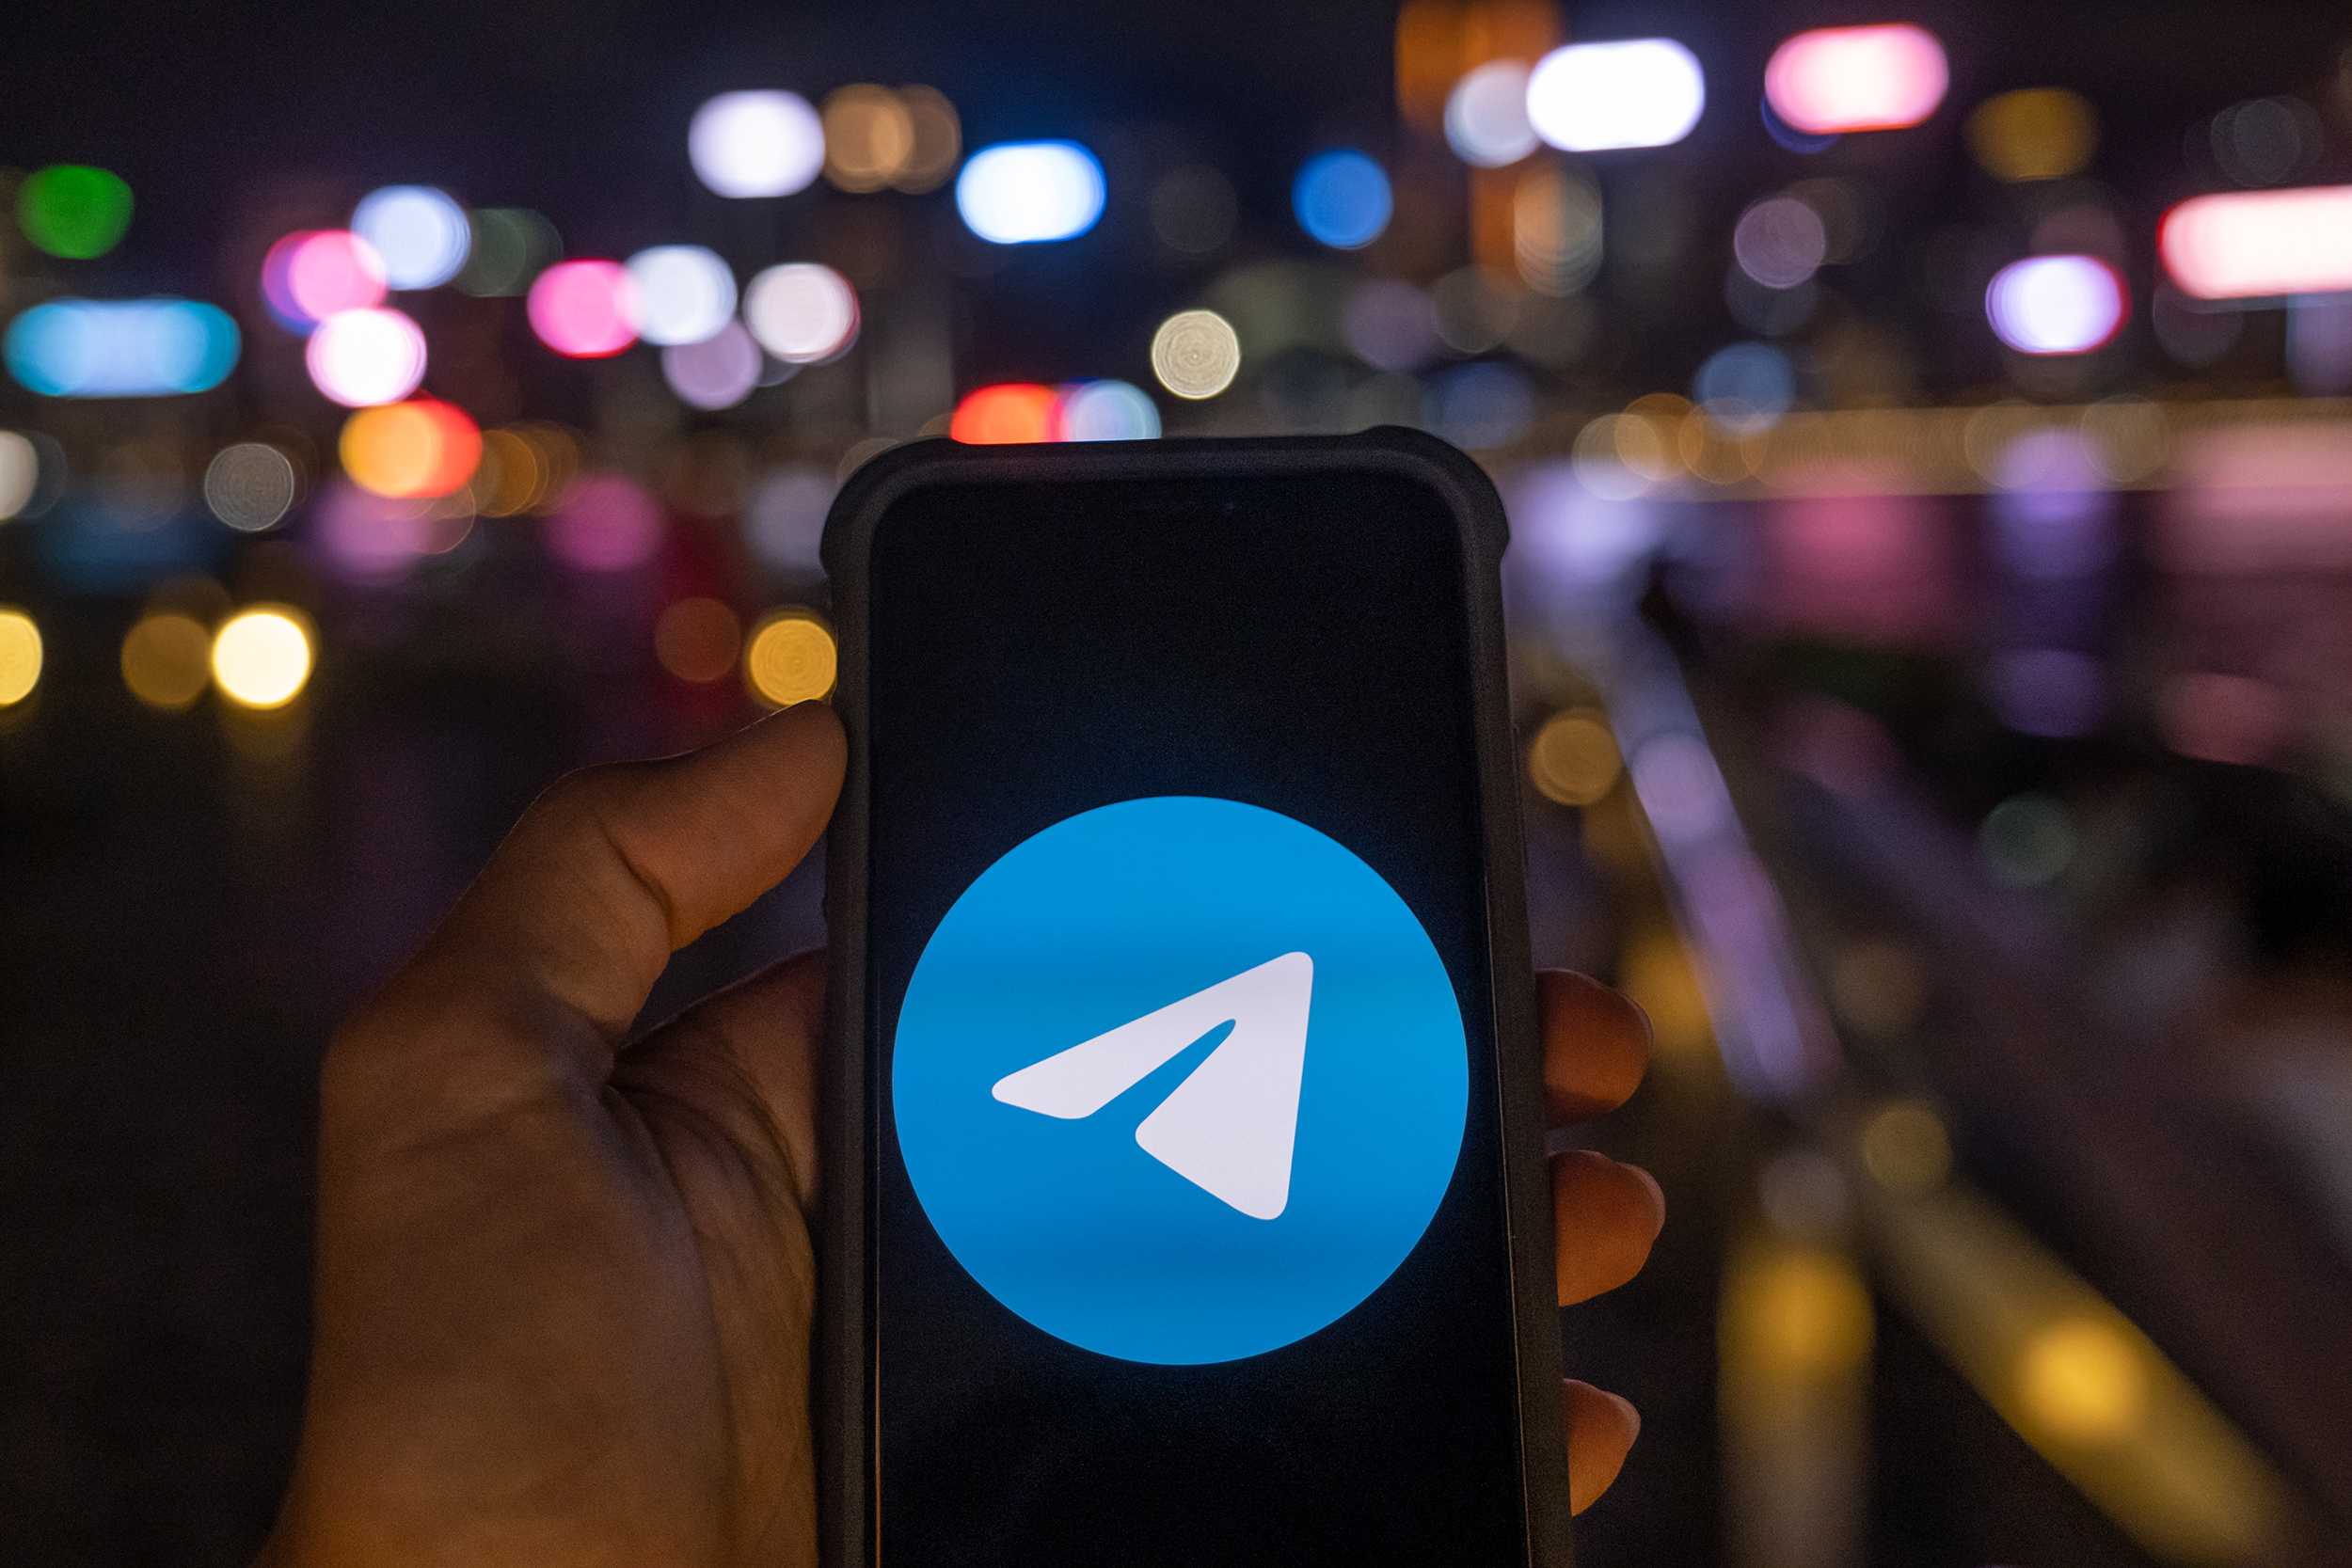 Суд оштрафовал Facebook и Telegram на 17 и 10 млн рублей